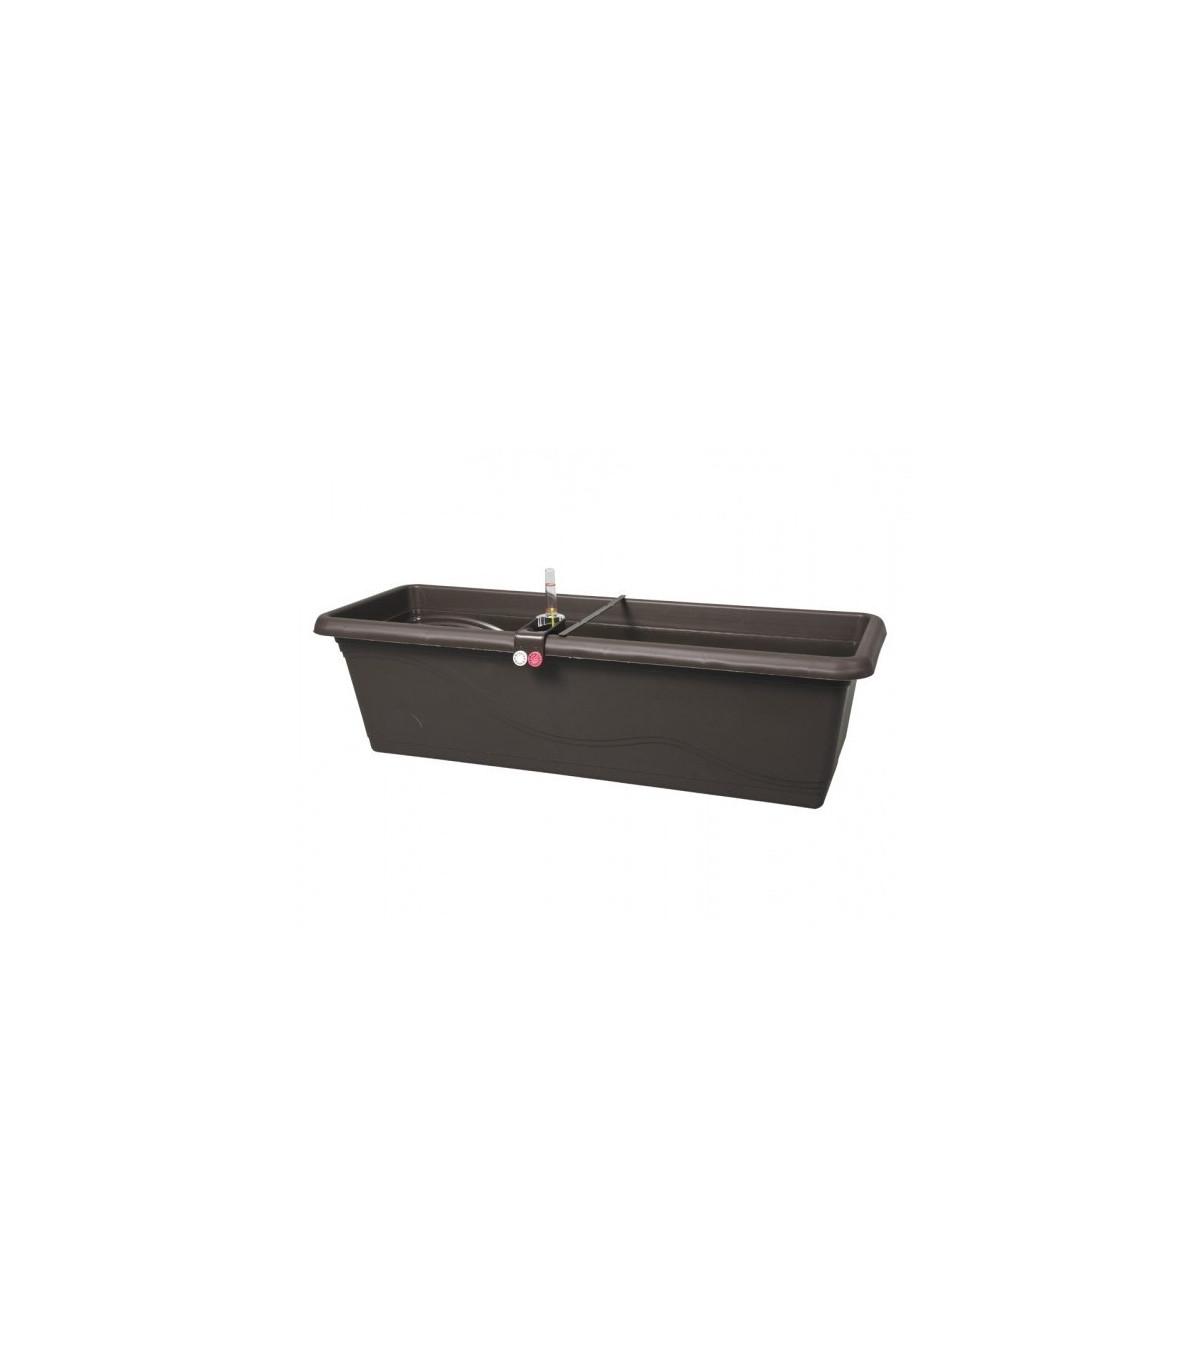 Samozavlažovací truhlík - Extra Lina Smart - hnedý - 60 cm